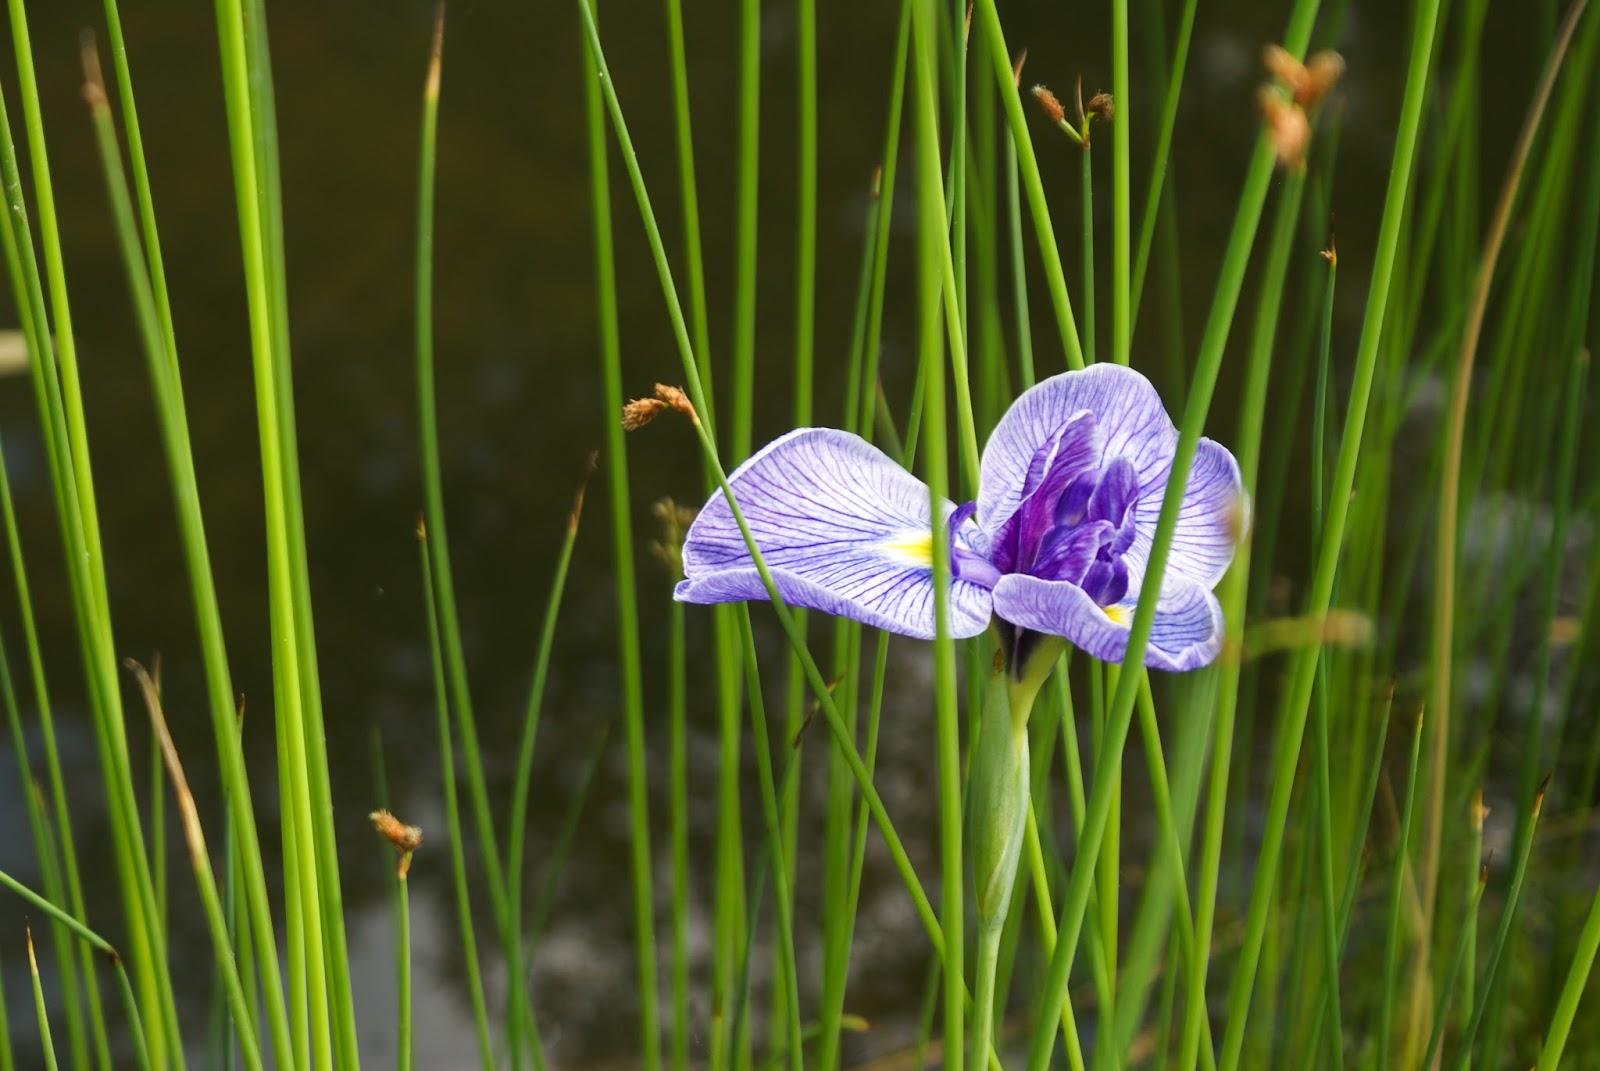 isui-en japon nara jardin fleur